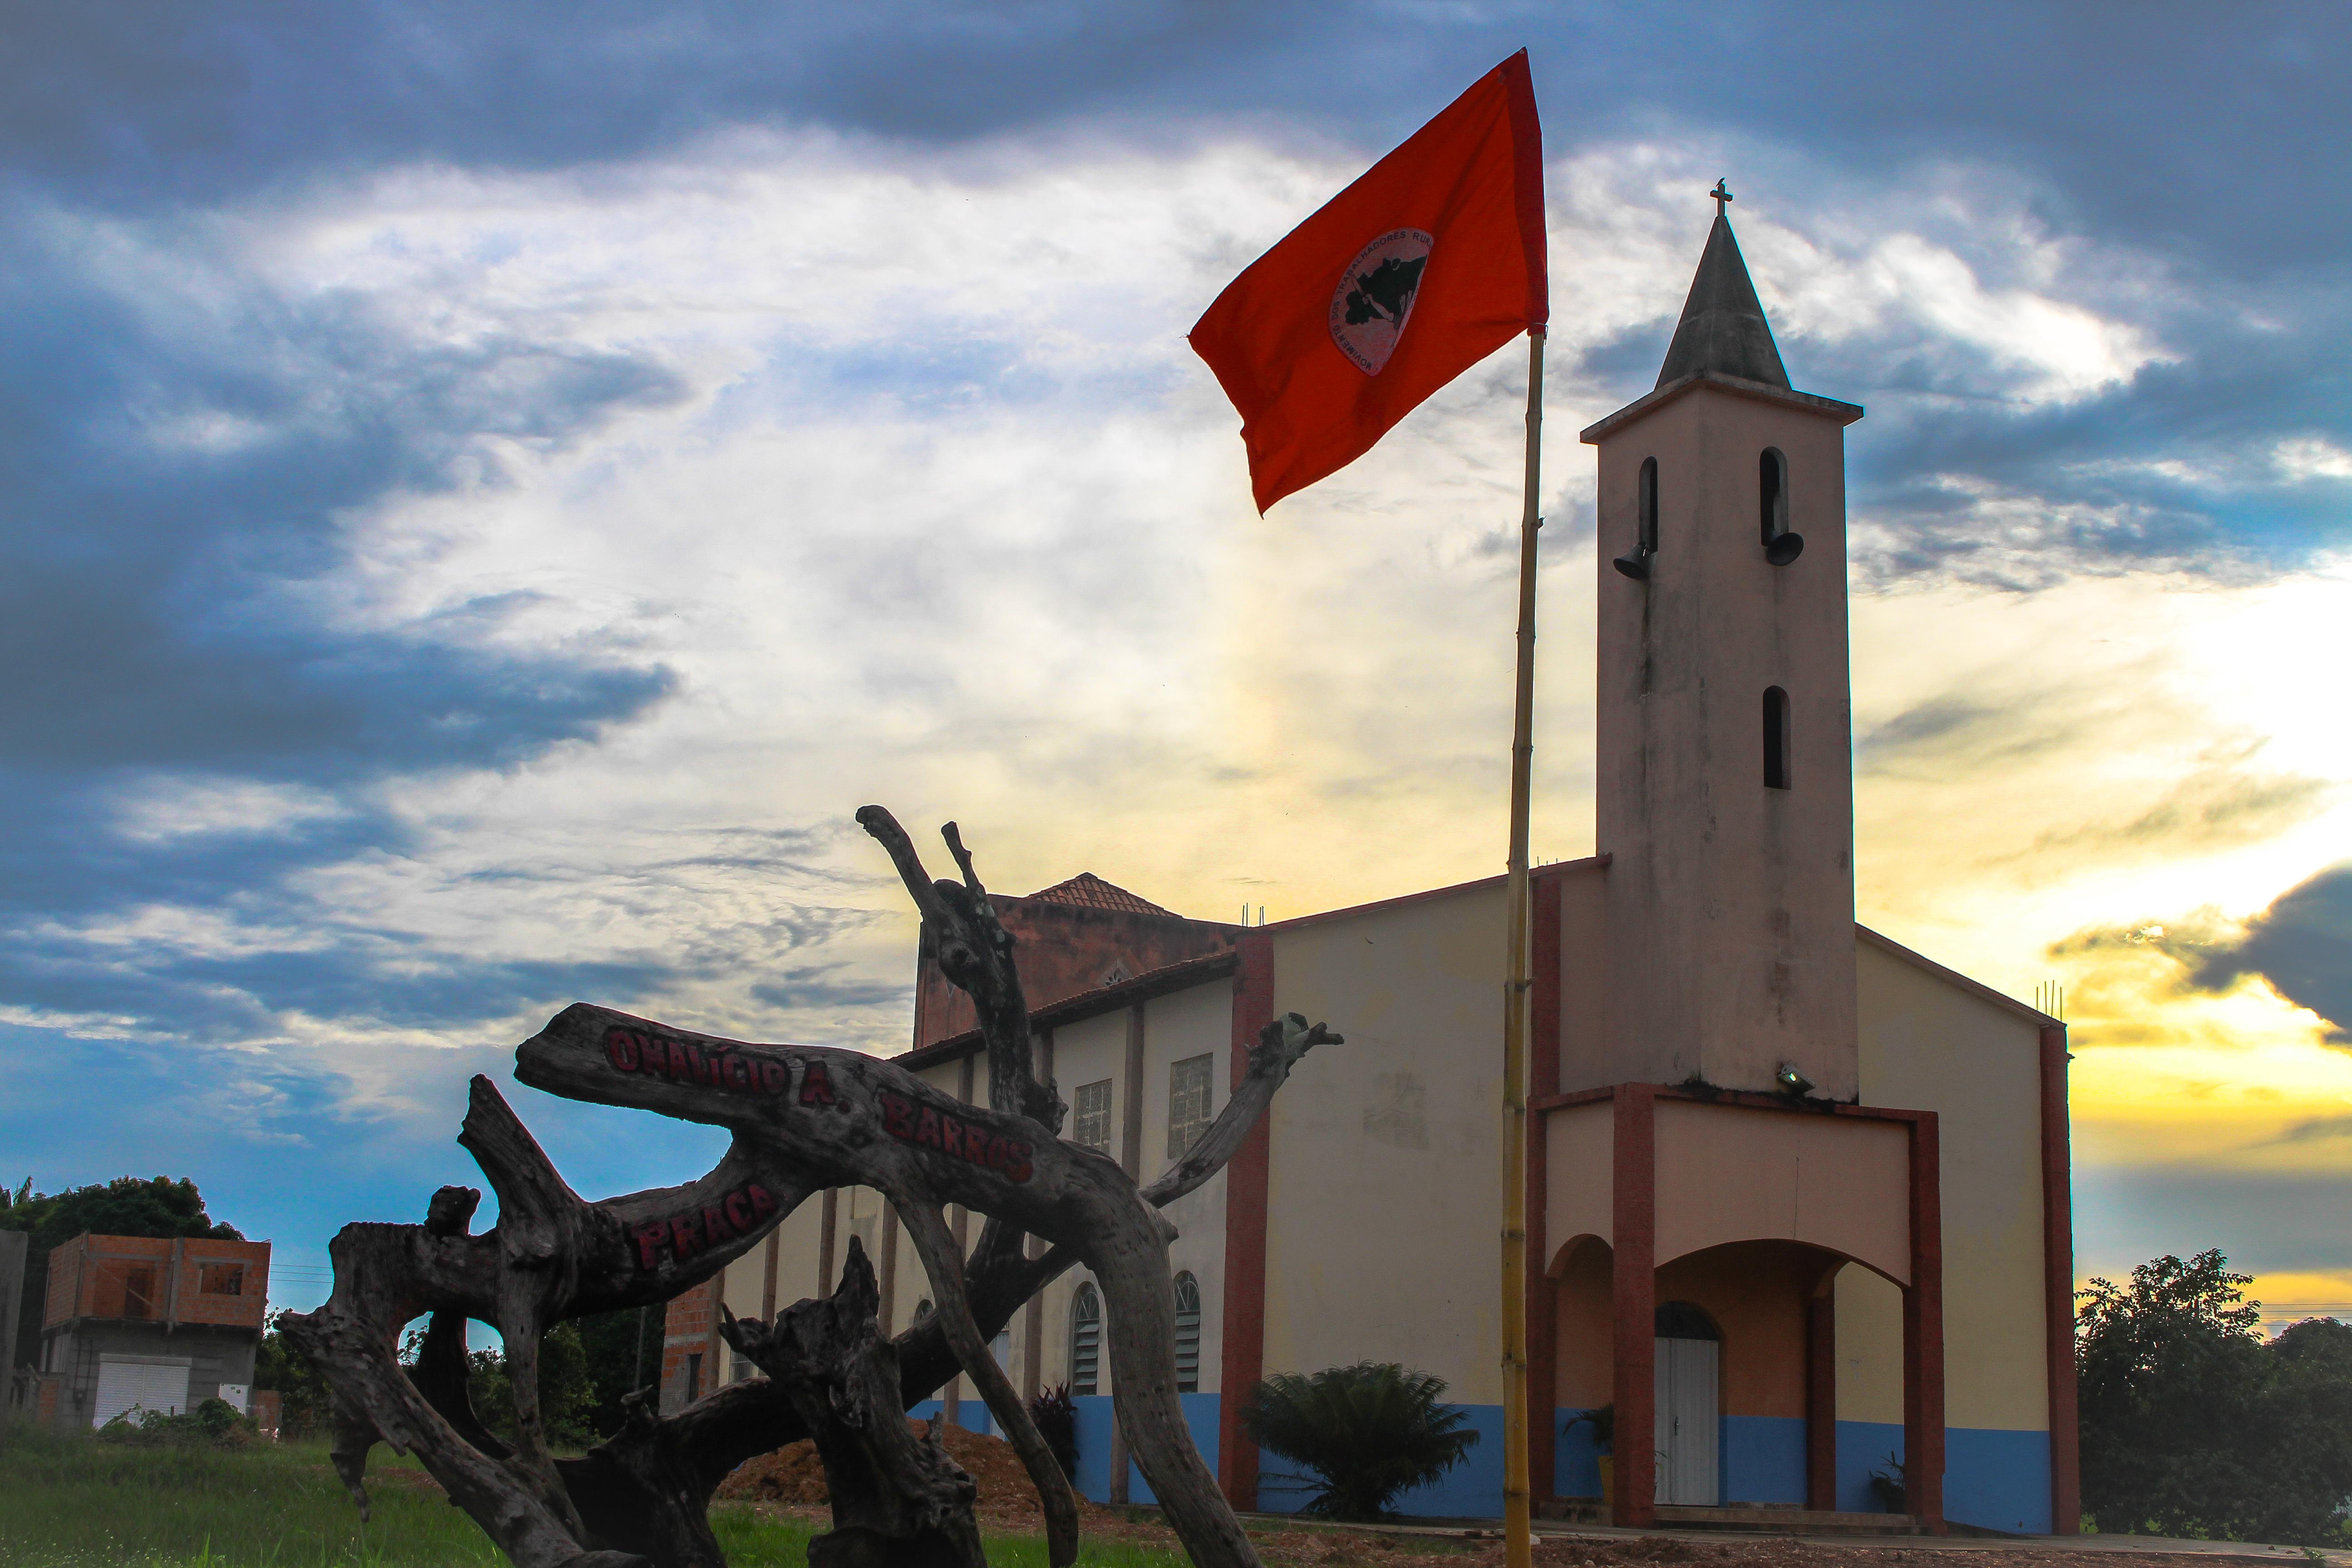 Praça Onalício Barros tem monumento em memória de Fusquinha, no Assentamento 1º de março, município de São João do Araguaia (PA).